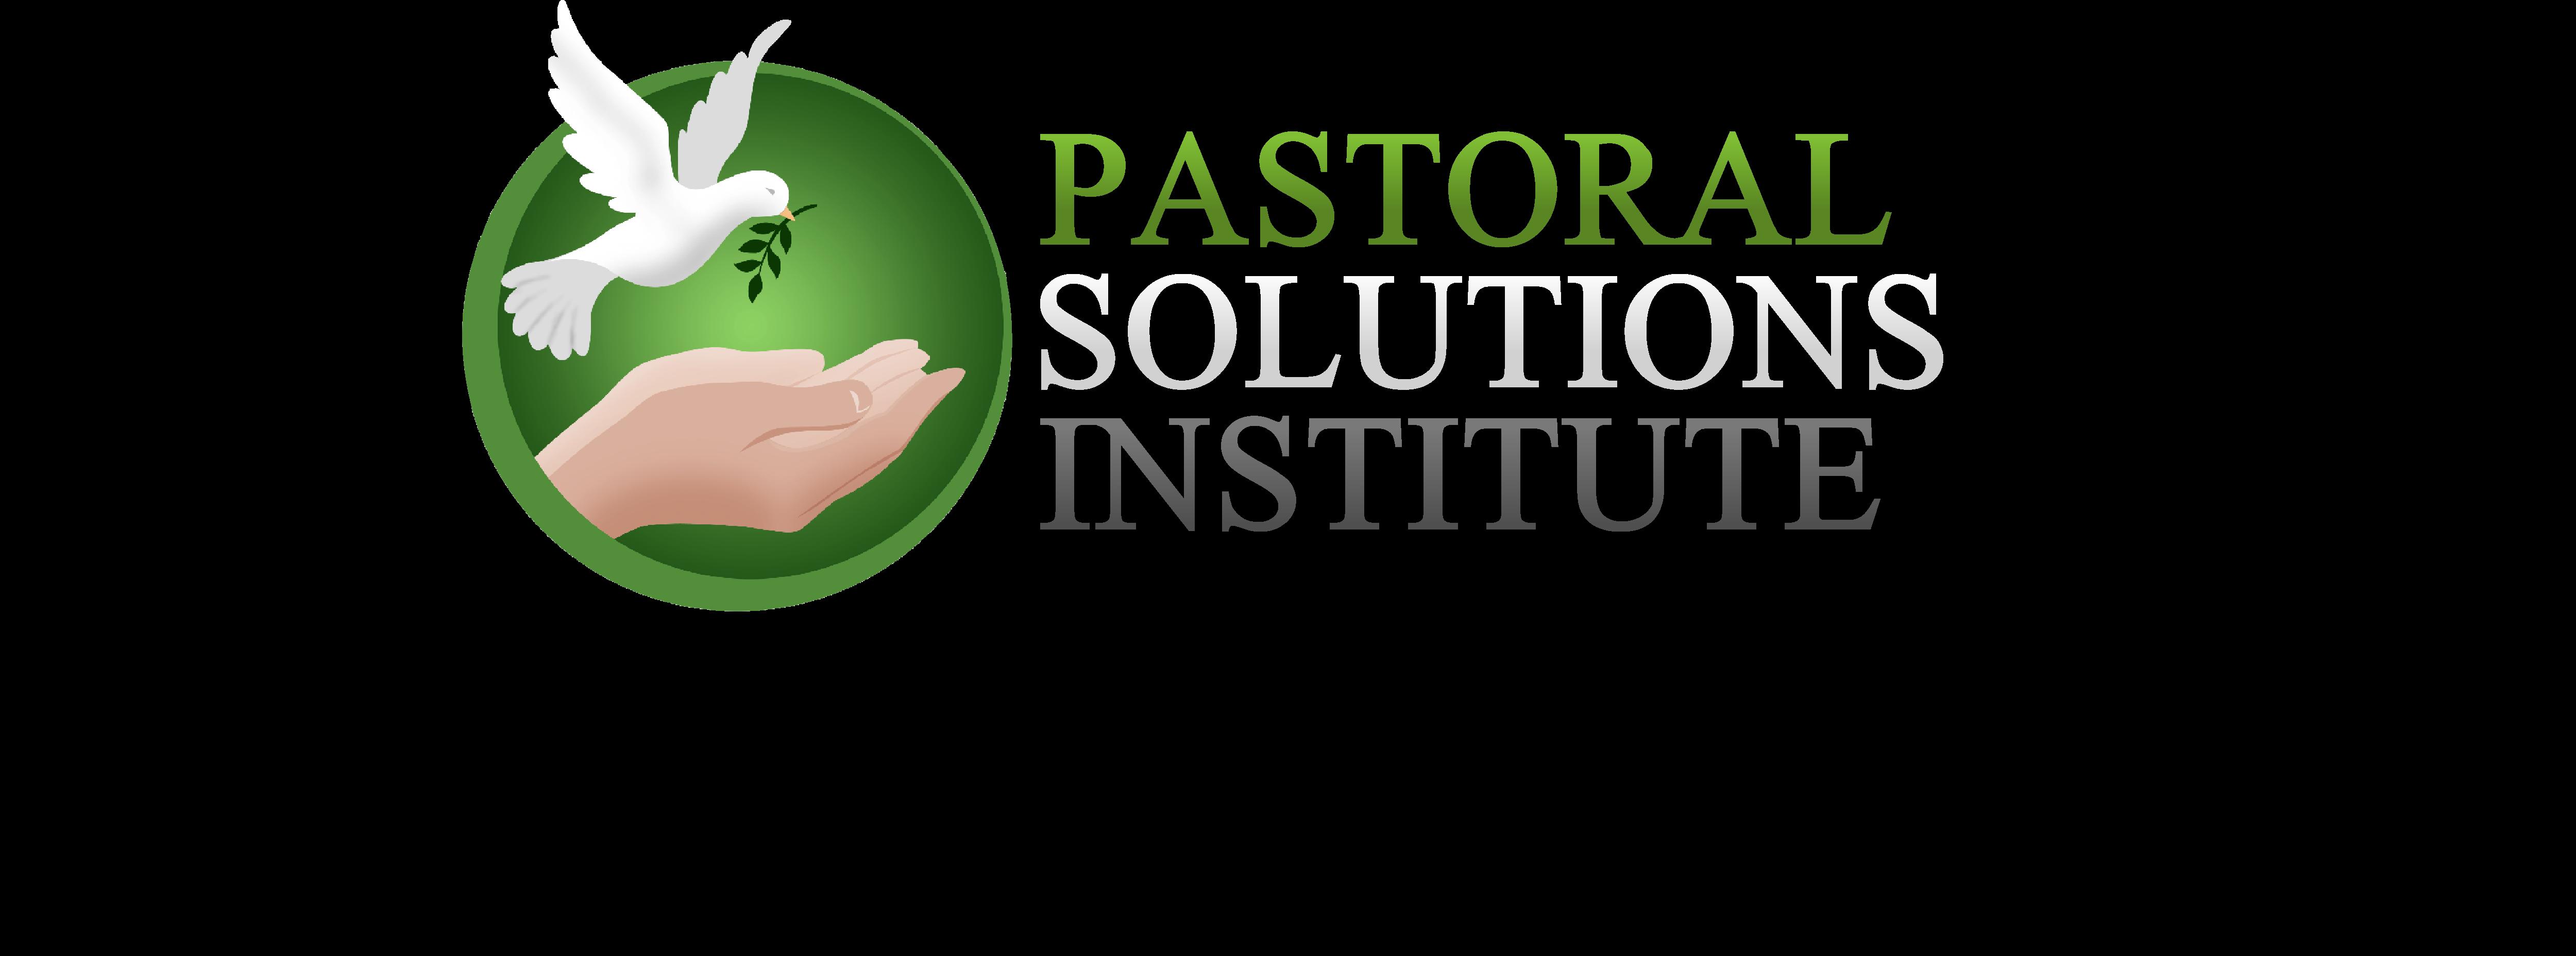 pastoral solutions institute